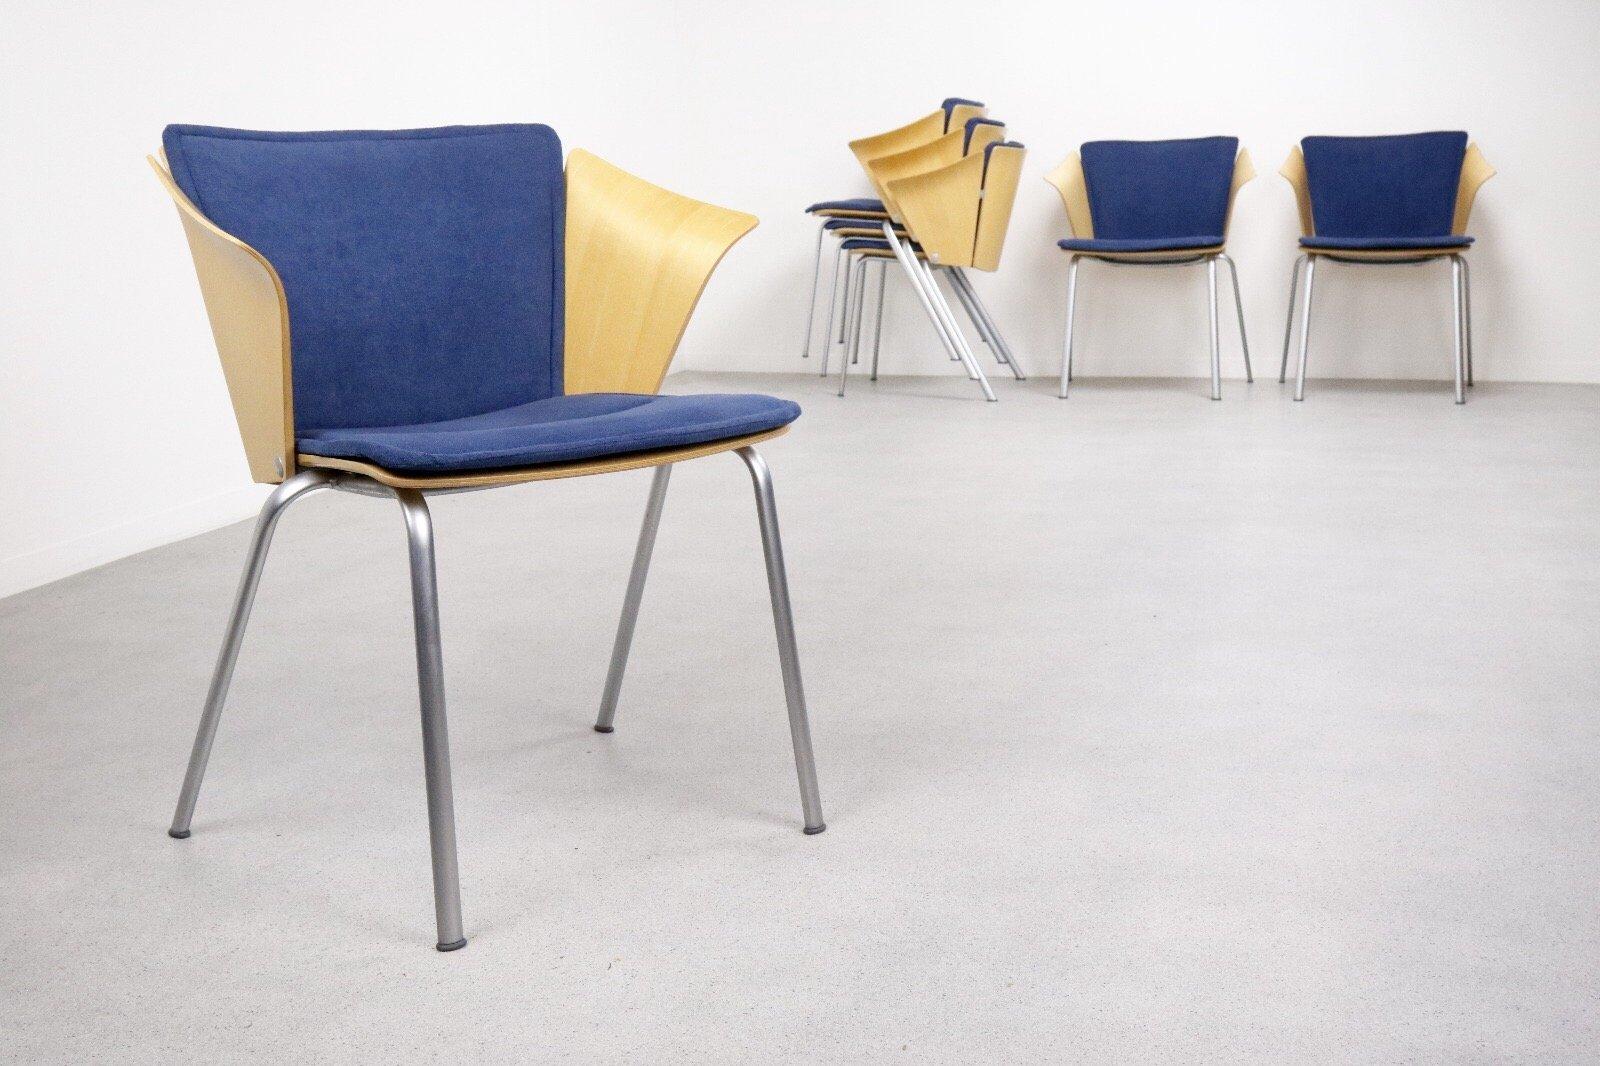 chaise d 39 appoint mod le vm3 par vico magistretti pour fritz hansen 1990s en vente sur pamono. Black Bedroom Furniture Sets. Home Design Ideas